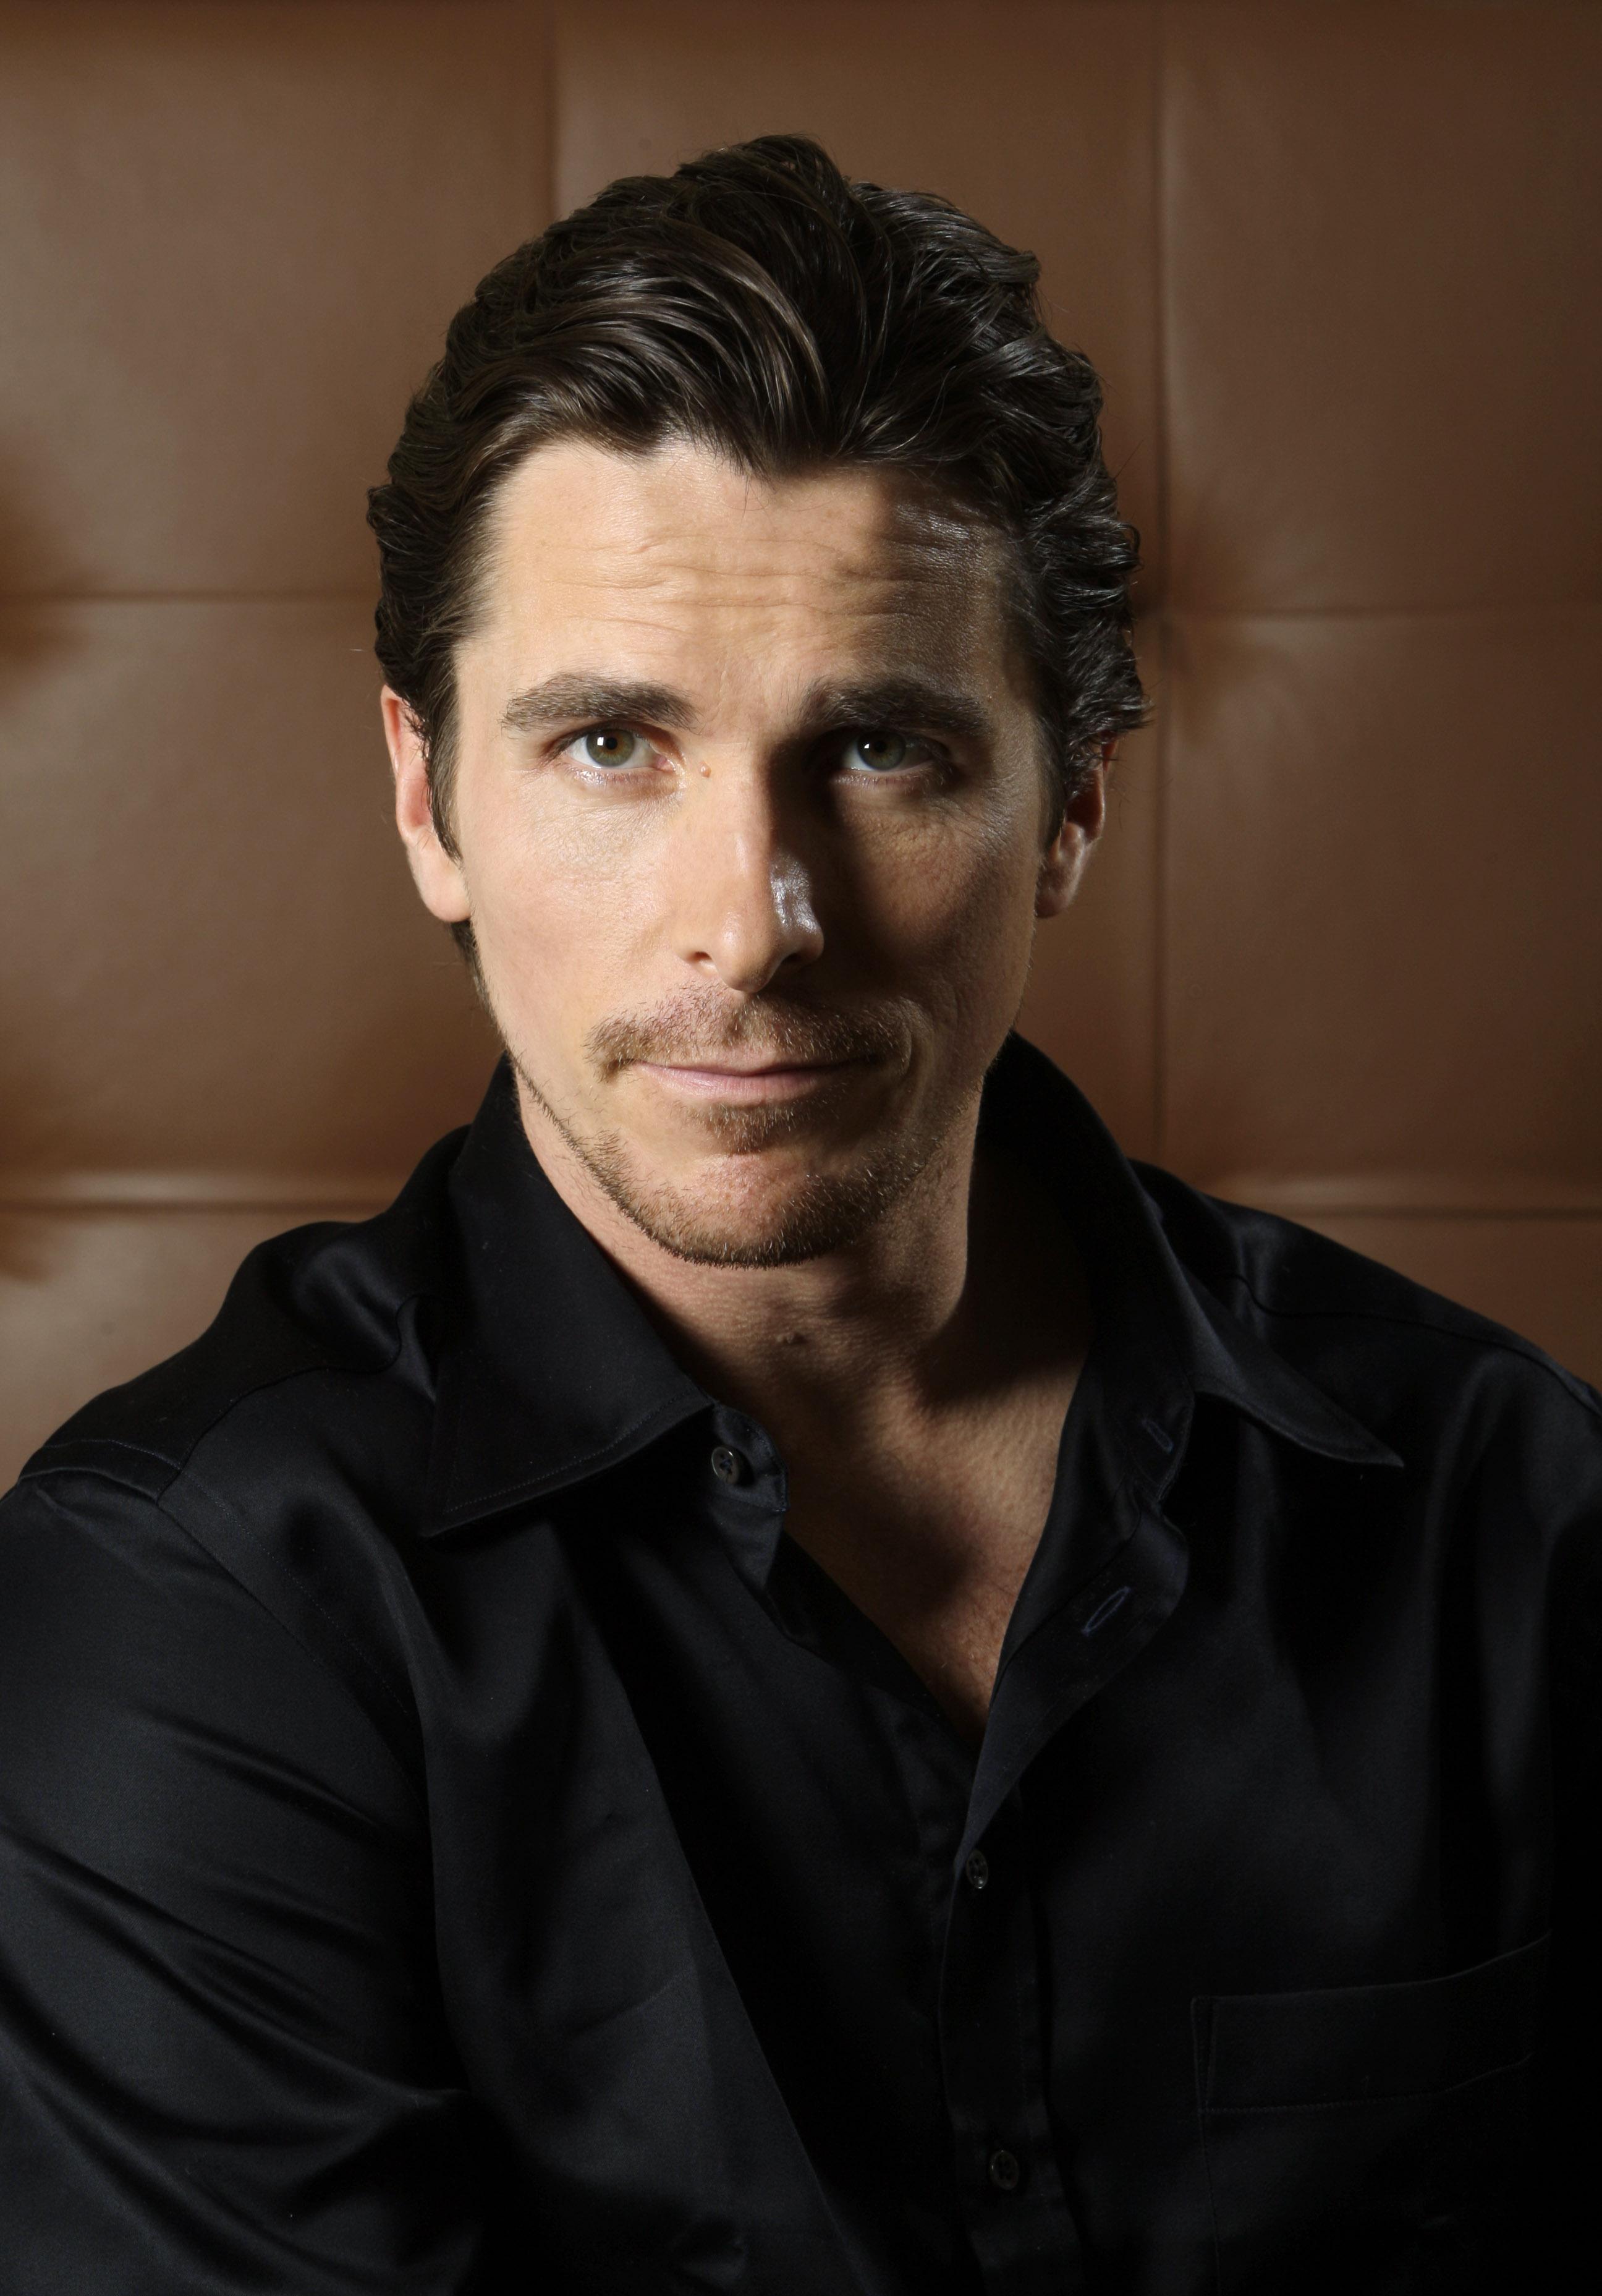 Poze Christian Bale - christian-bale-266301l